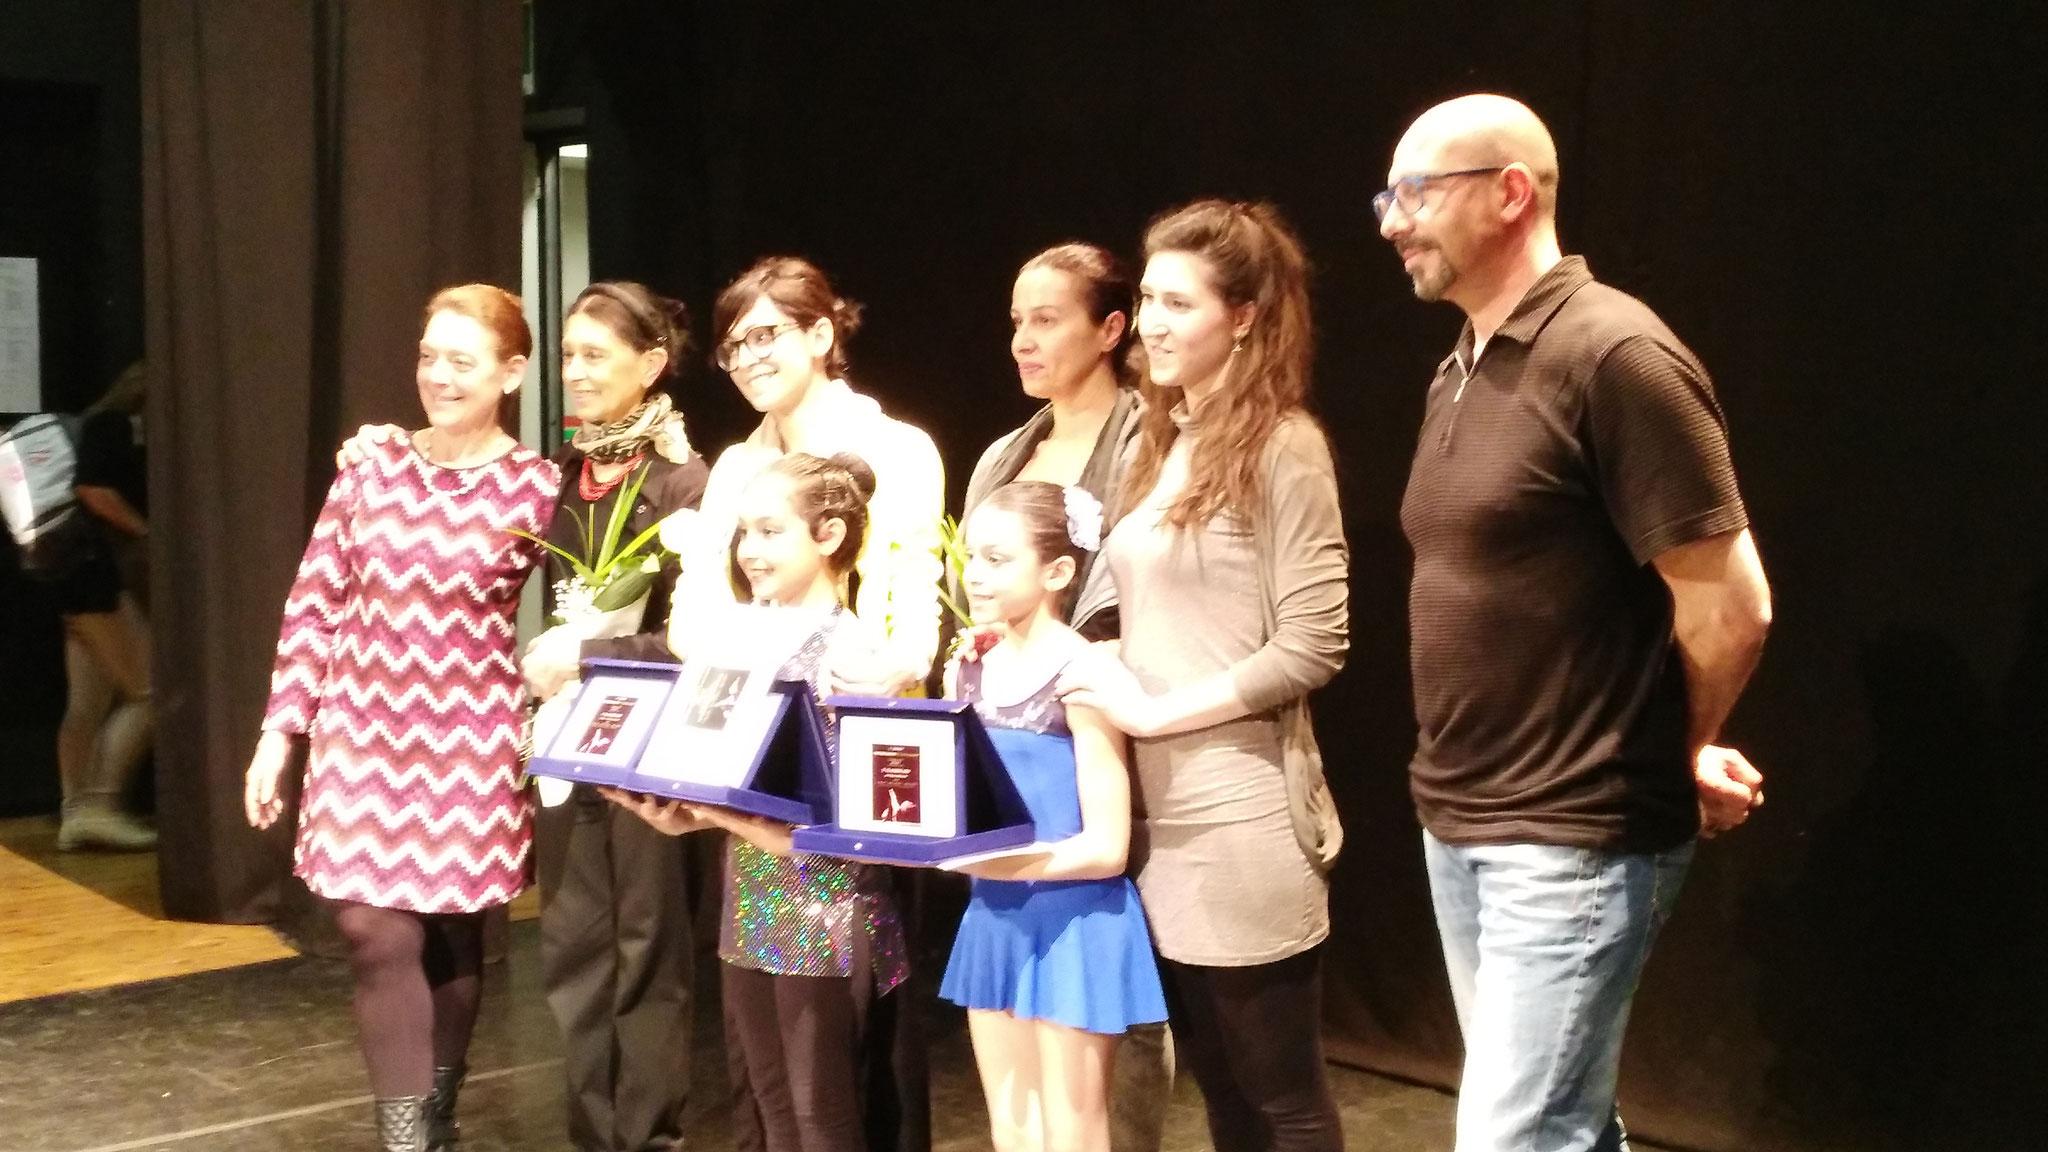 Concorso Giovani Talenti- Elisa 2° posto classico e Martina 1° posto moderno